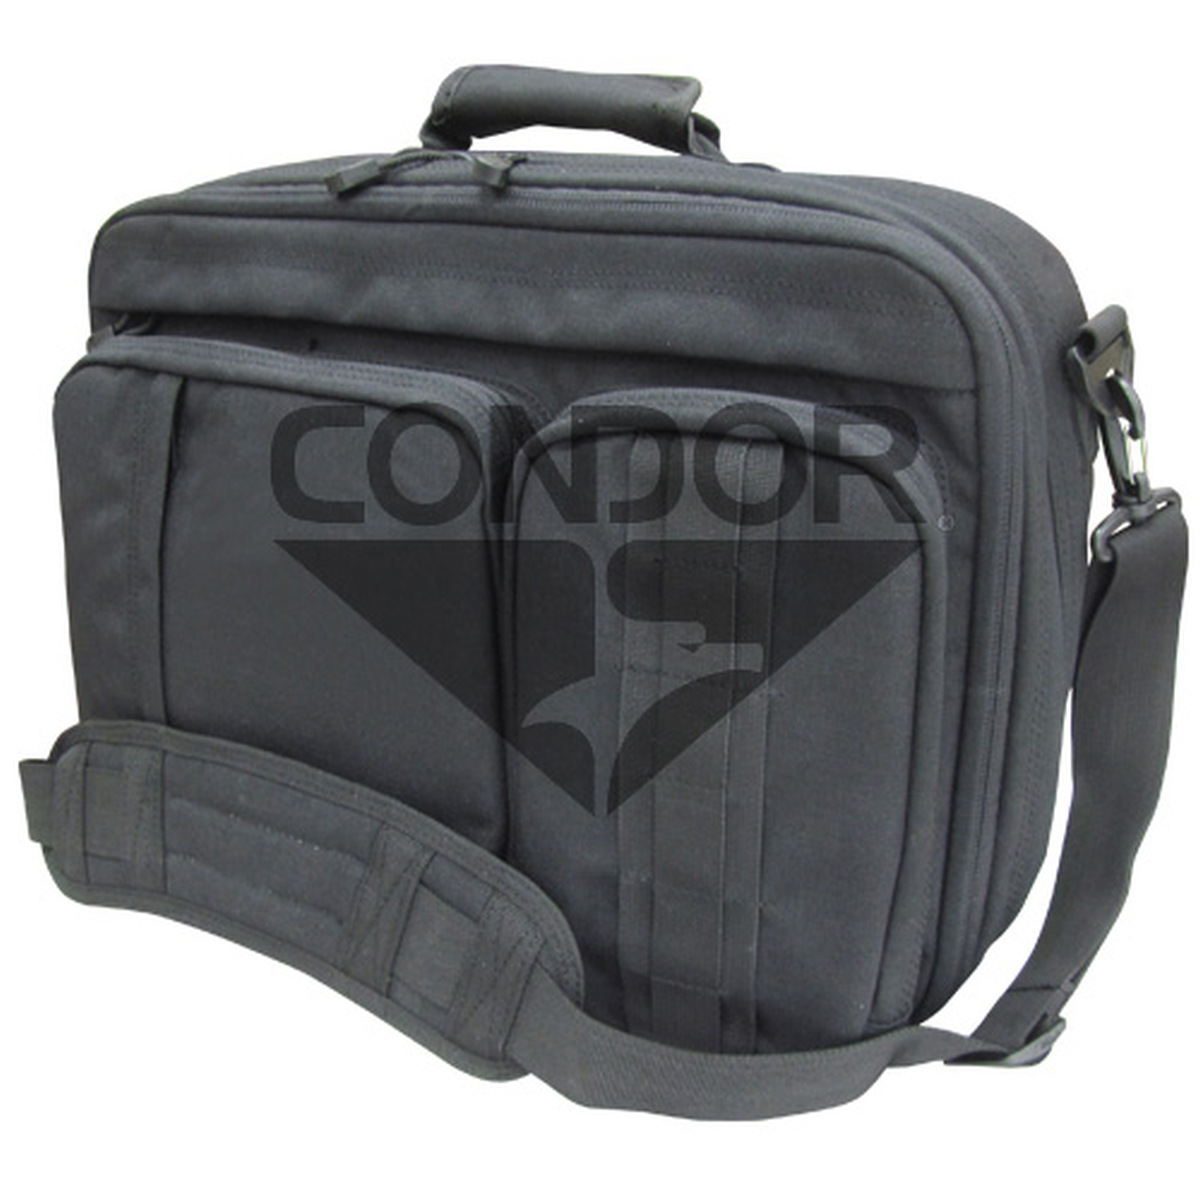 3 Way Laptop Case-Condor Outdoor